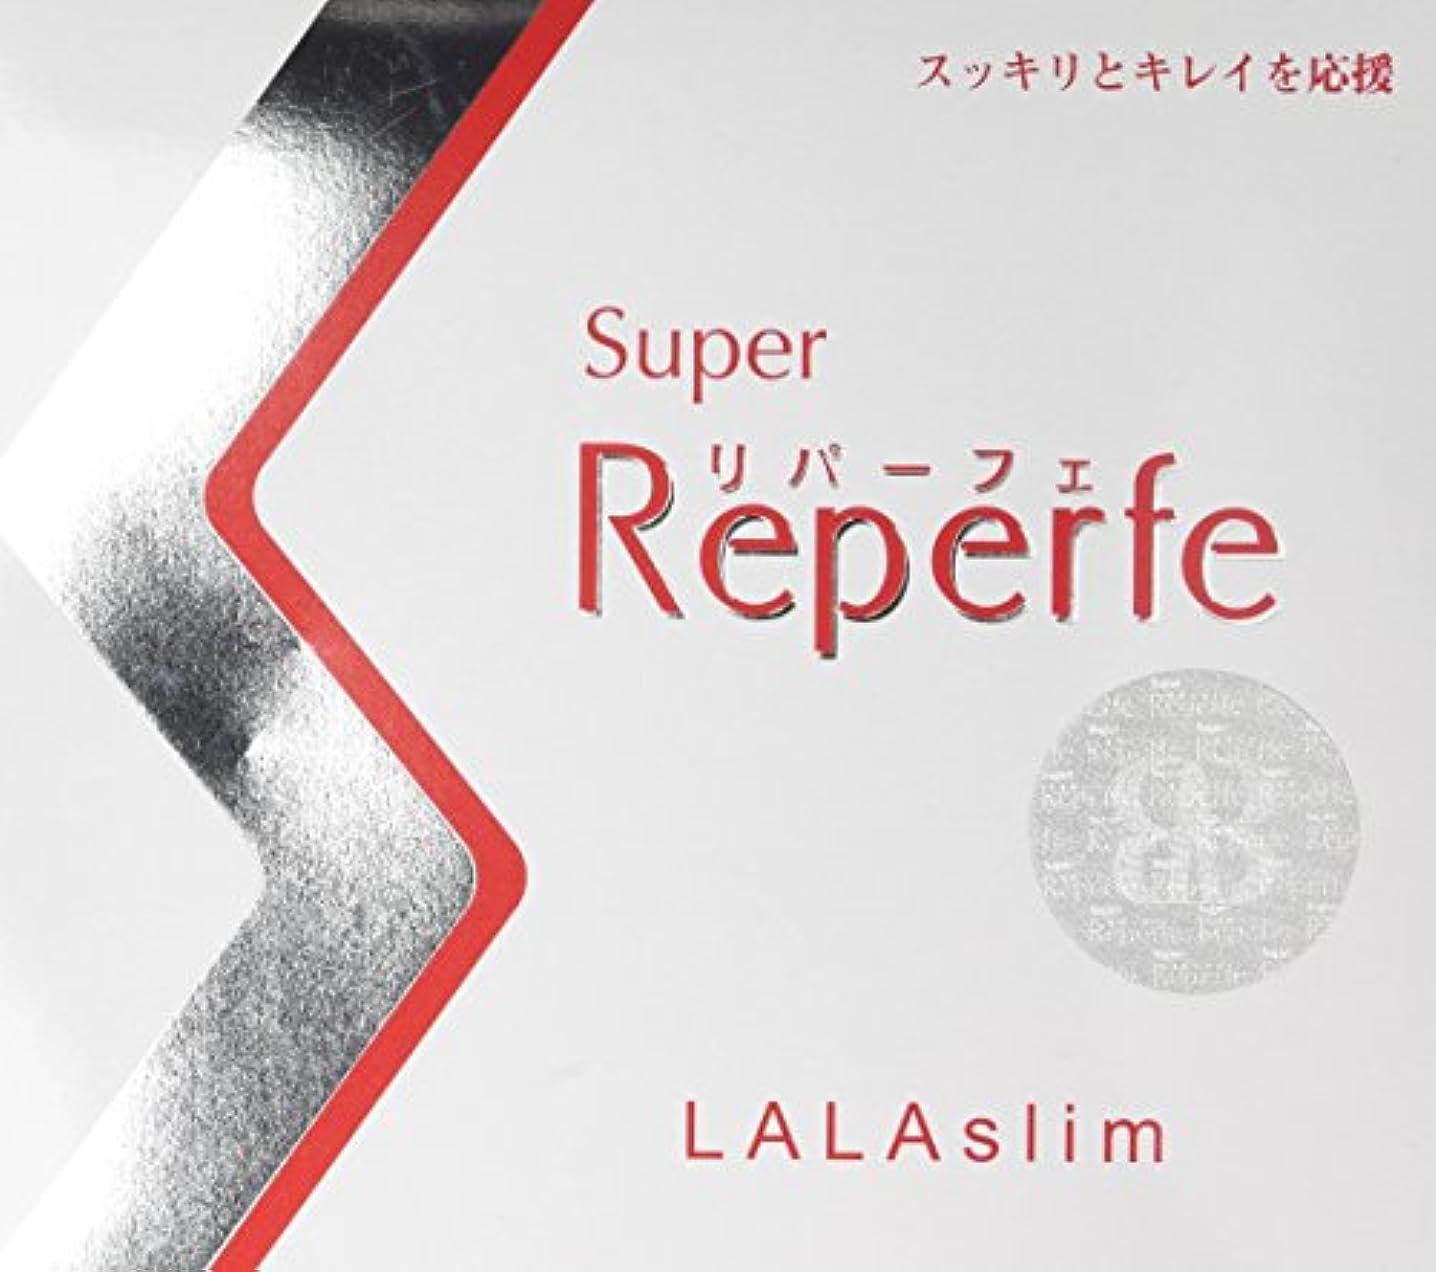 不平を言う甘味不十分なスーパーリパーフェ ララスリム 錠剤タイプ